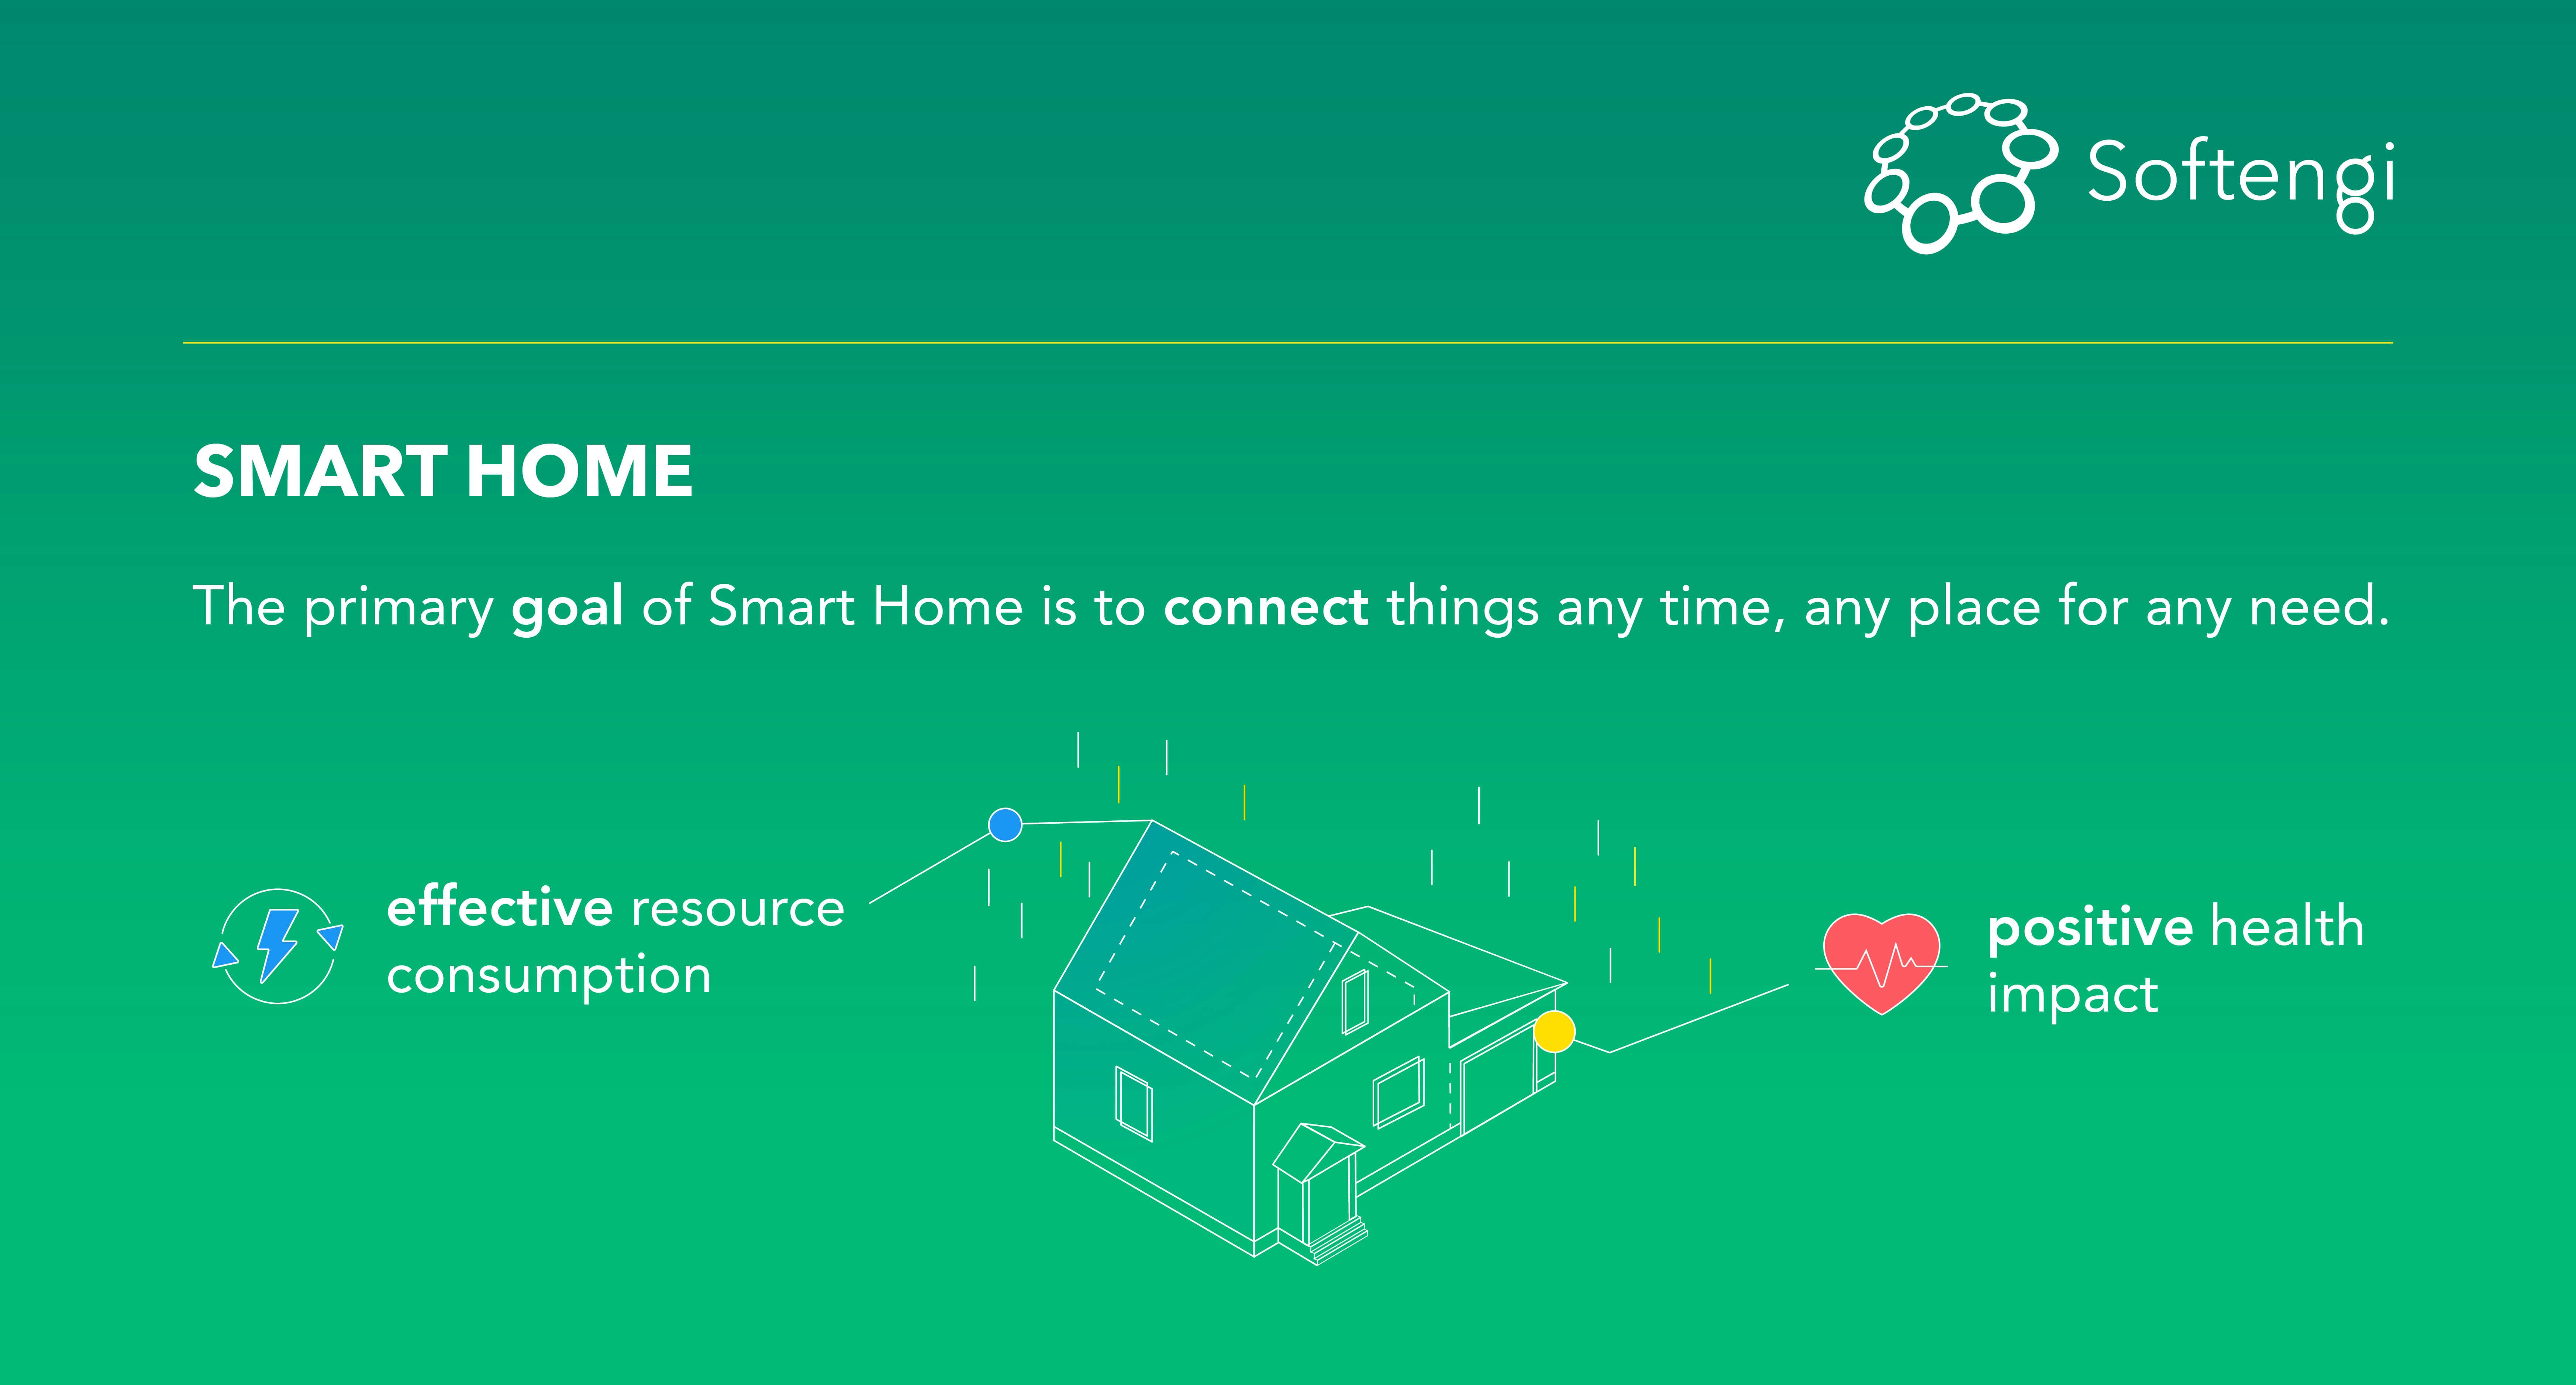 Smart Home Softengi